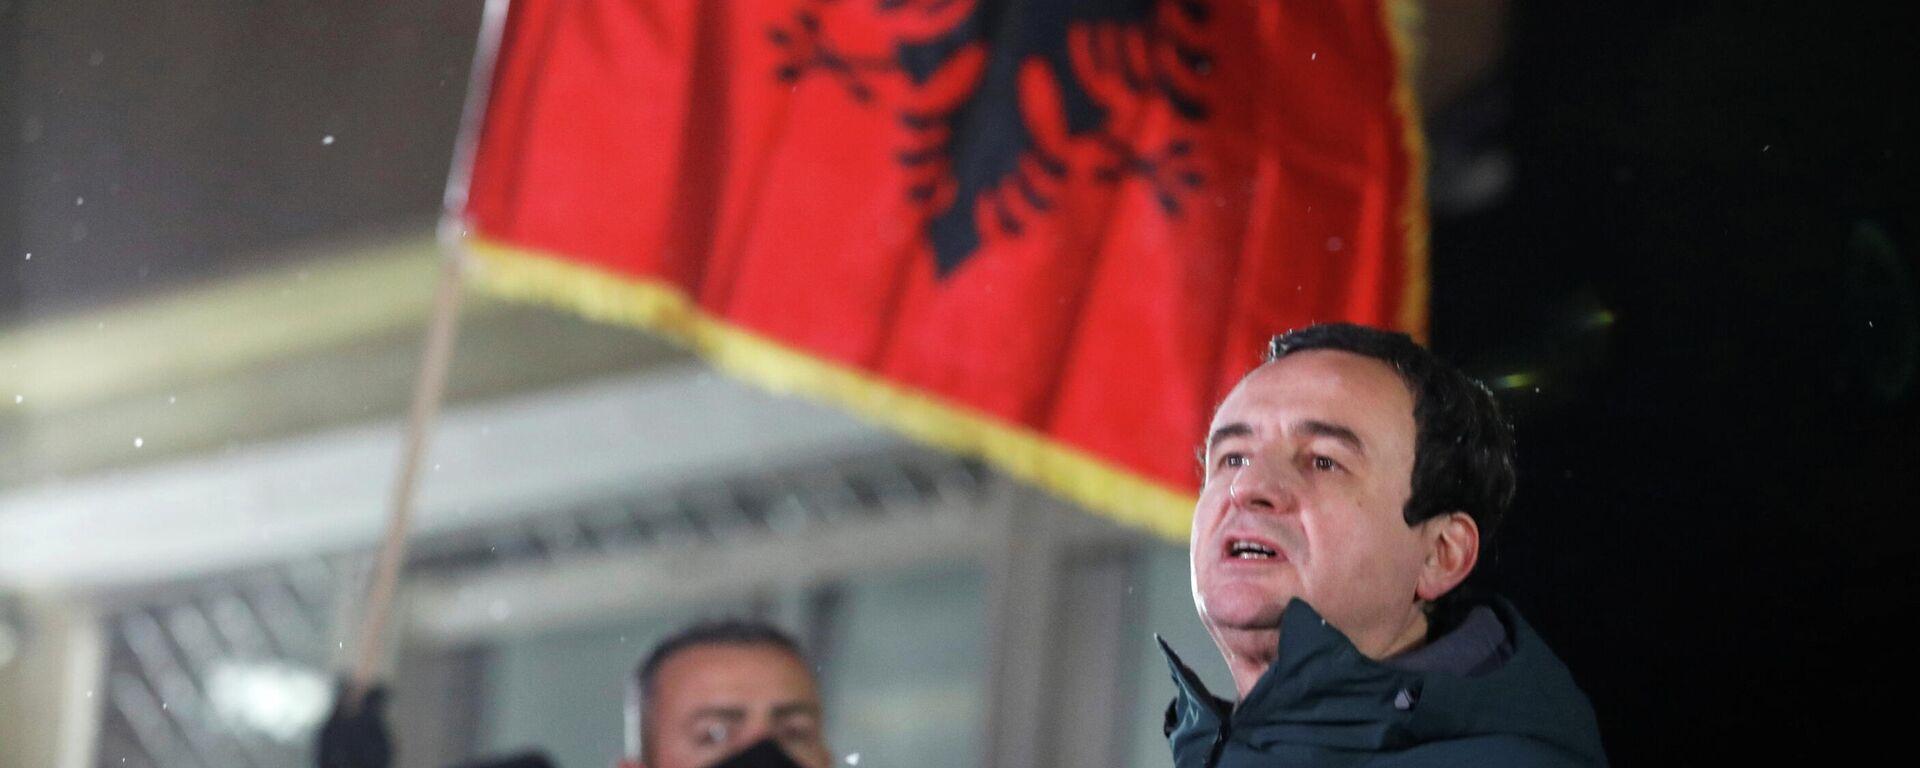 Albin Kurti, líder del partido Vetevendosje (Autodeterminación) de Kosovo - Sputnik Mundo, 1920, 15.02.2021